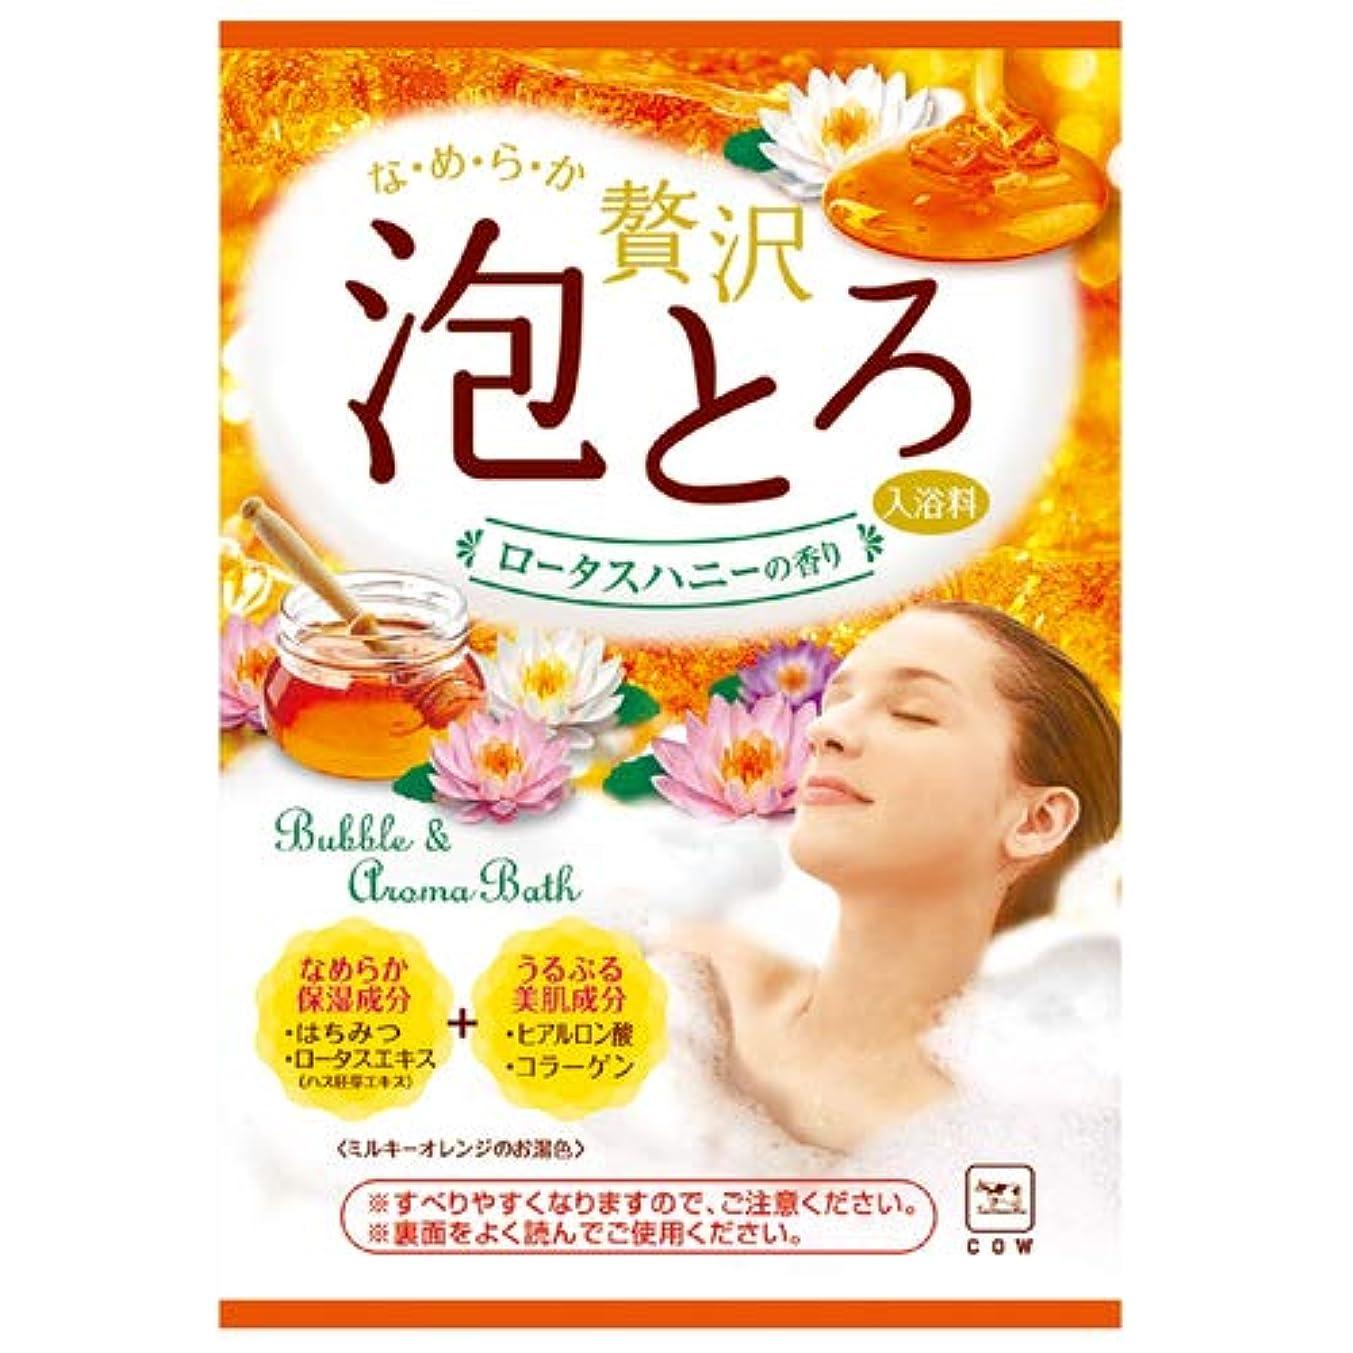 奨学金カヌー顧問お湯物語 贅沢泡とろ入浴料 ロータスハニーの香り 30g